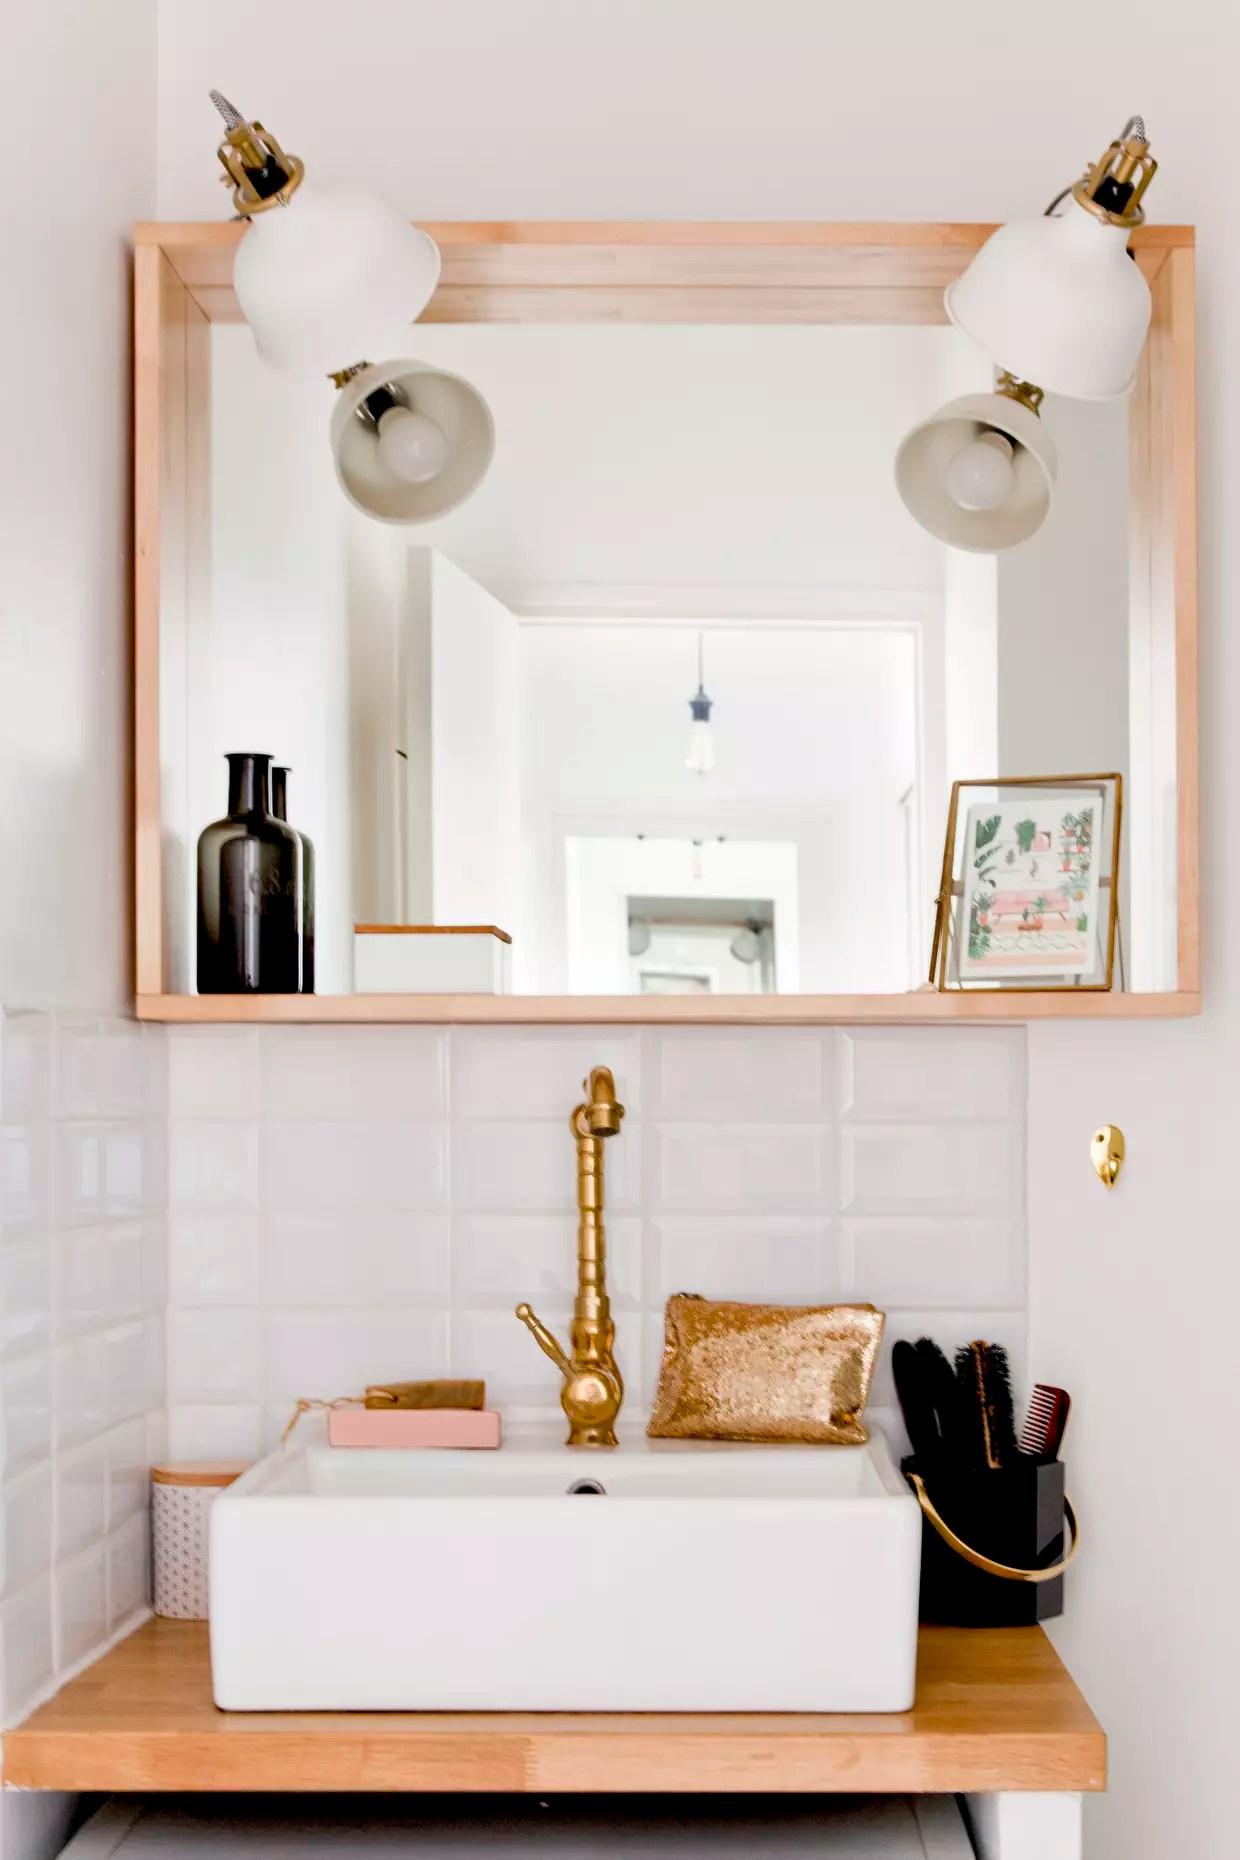 blanc pres du plan vasque en bois